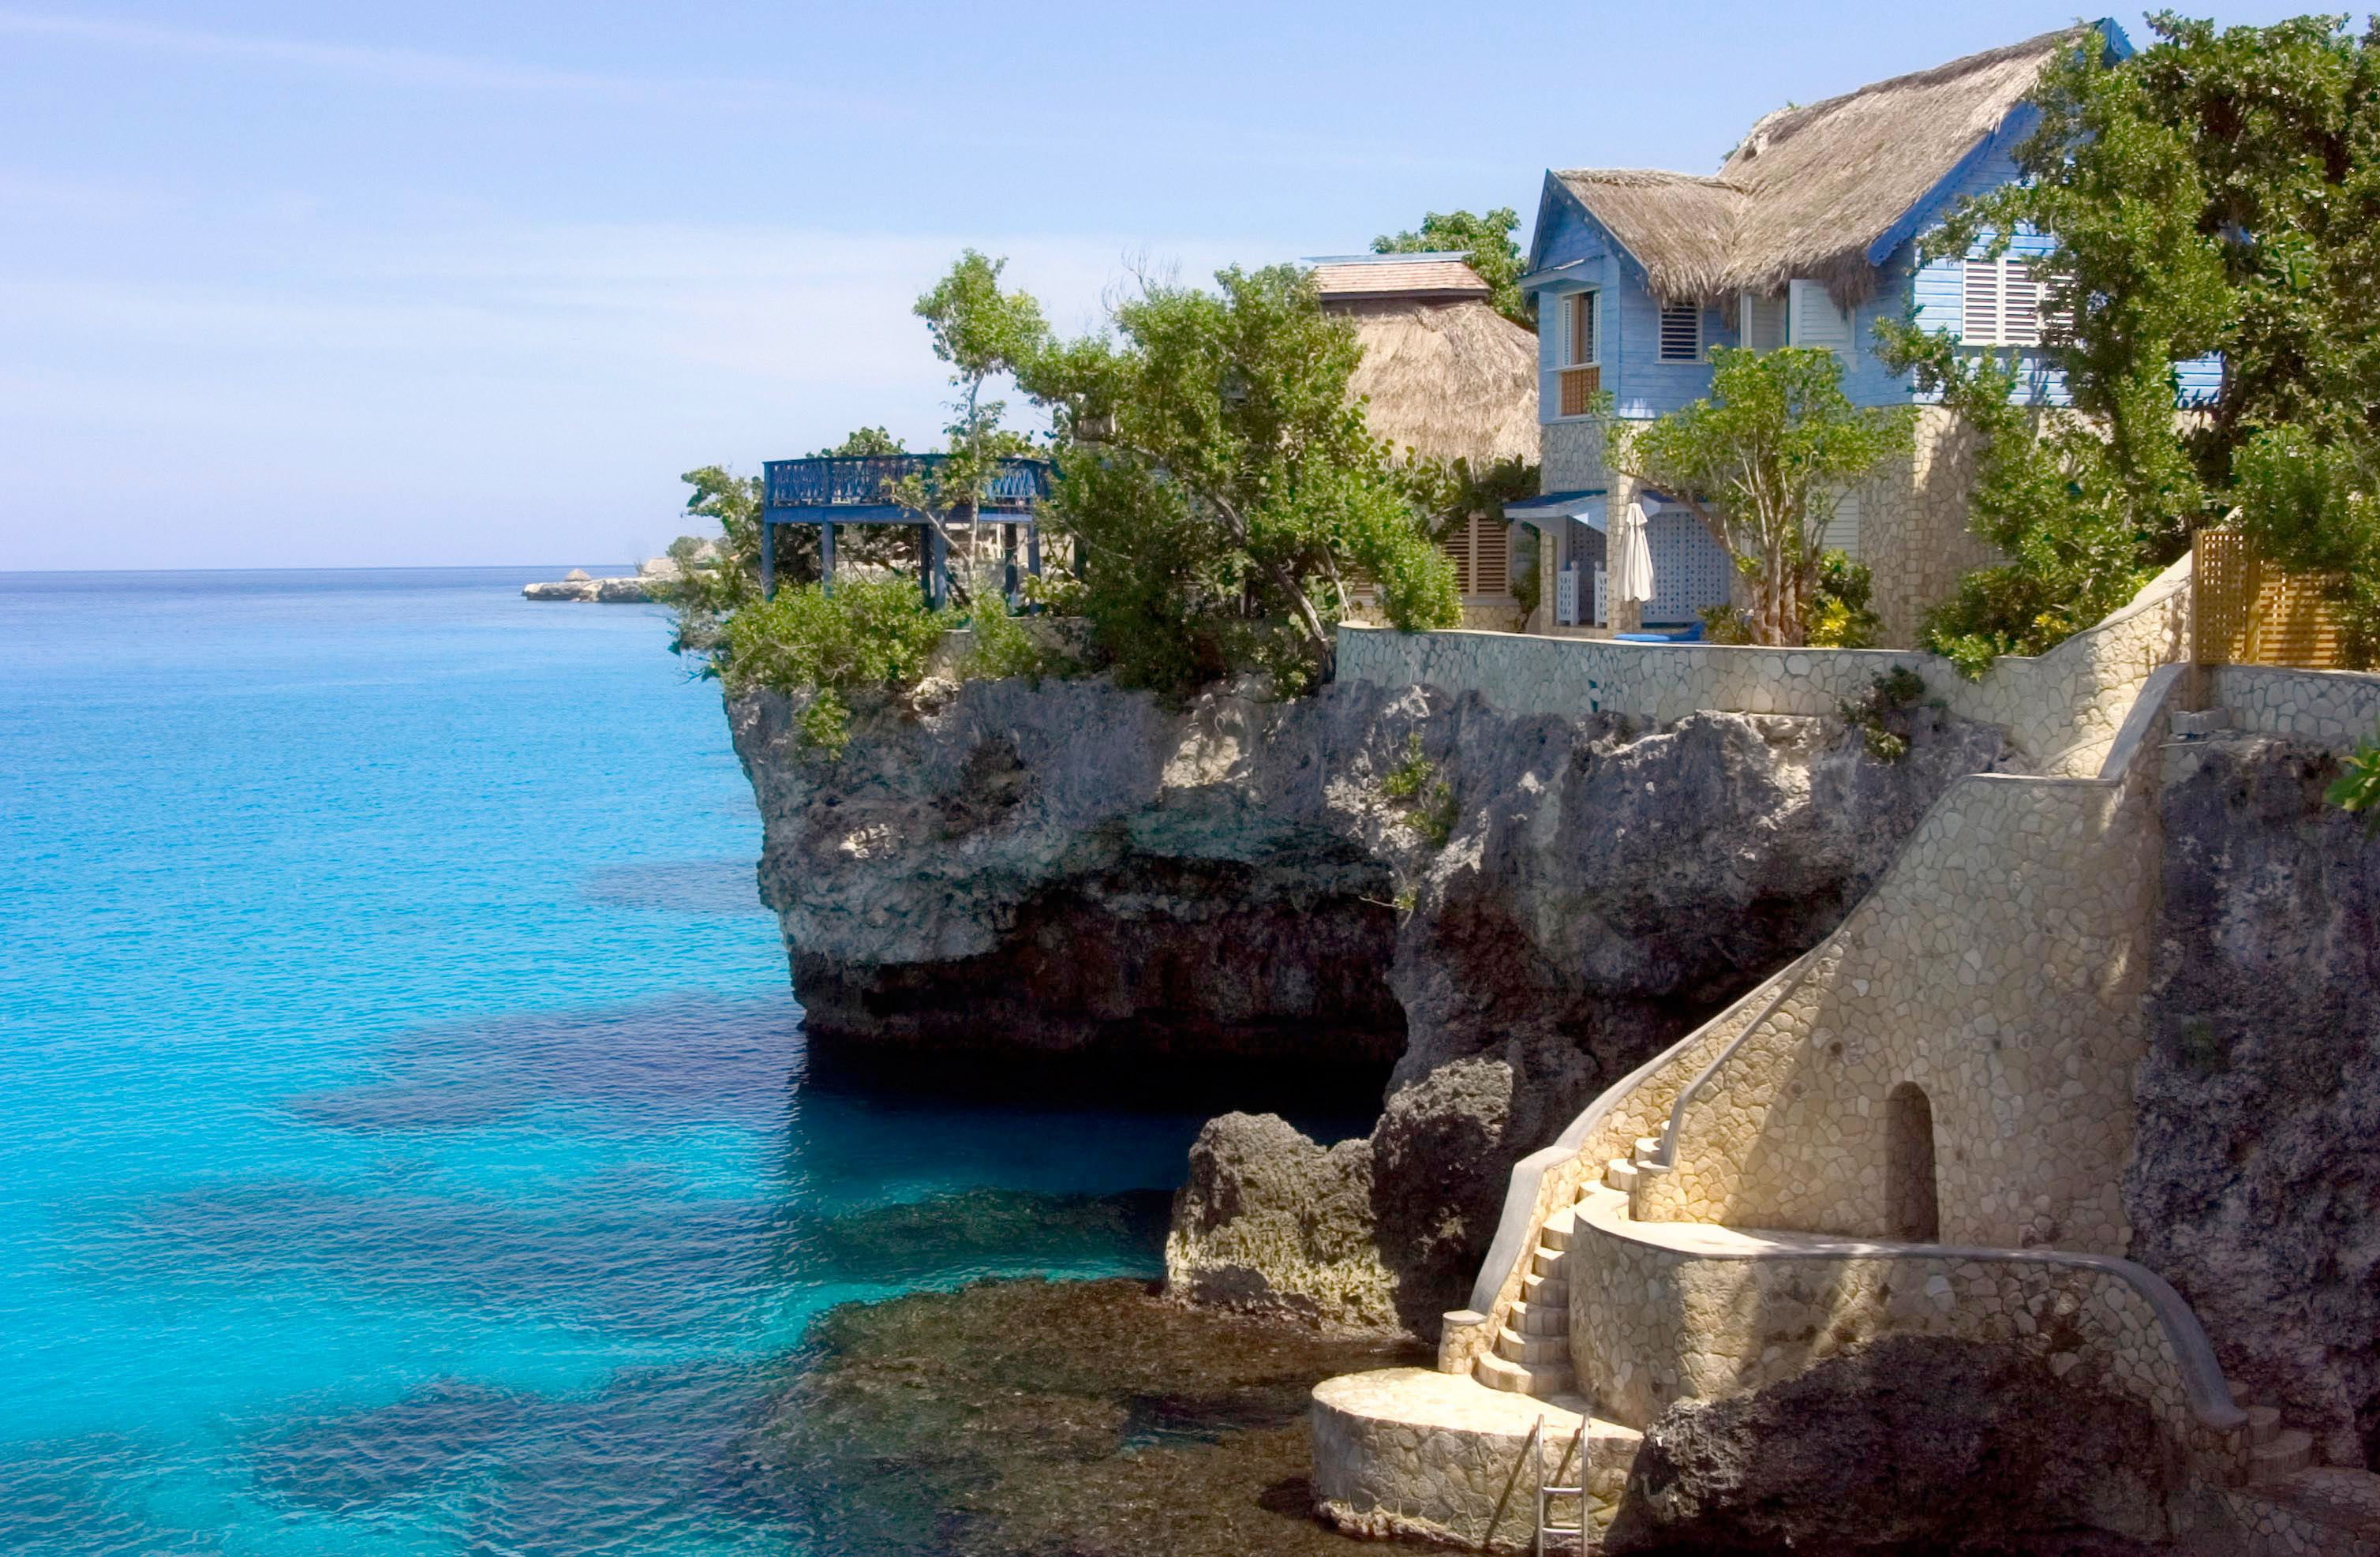 Cabaña en el hotel Caves en Negril